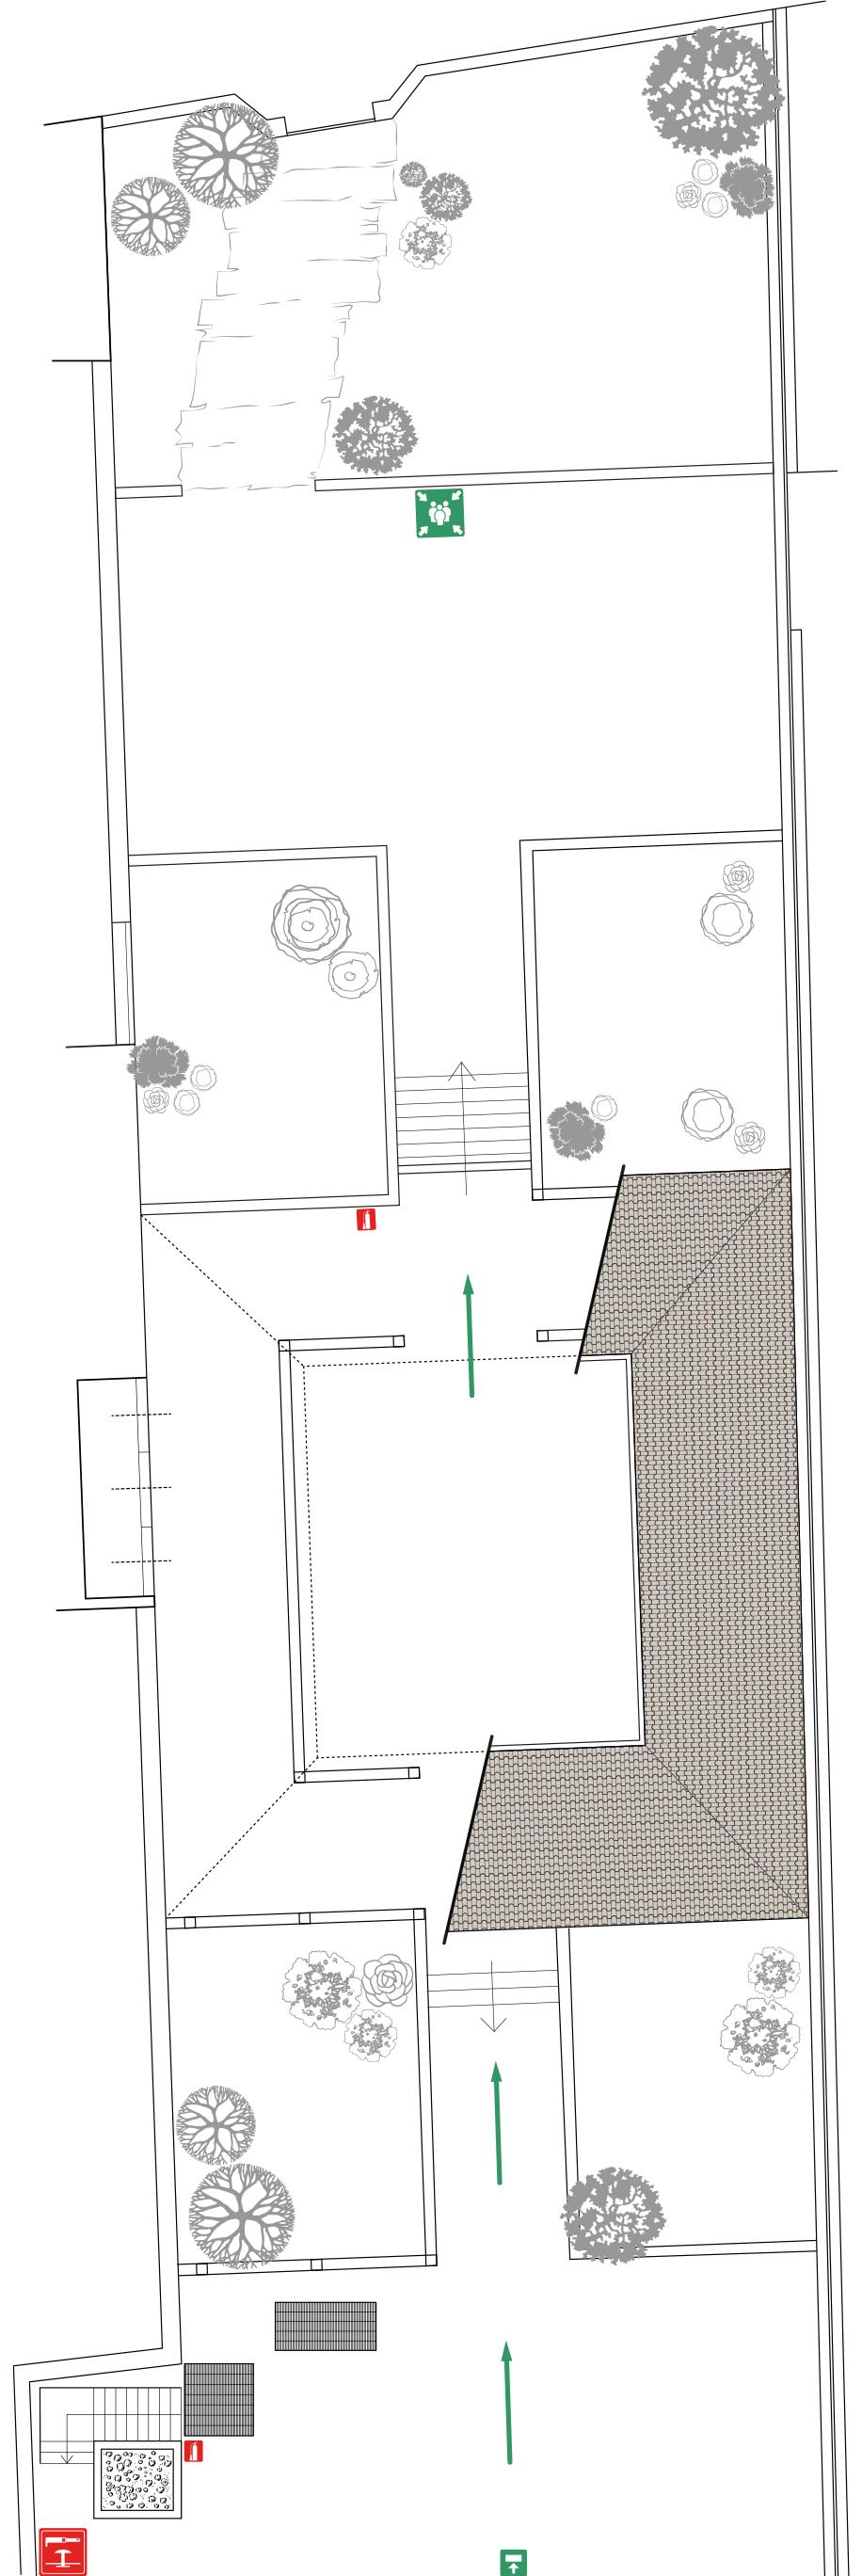 MUSEO DELLA VALLE Fondazione Polli-Stoppani - Zogno (Bergamo) - Planimetria Giardino e Porticato